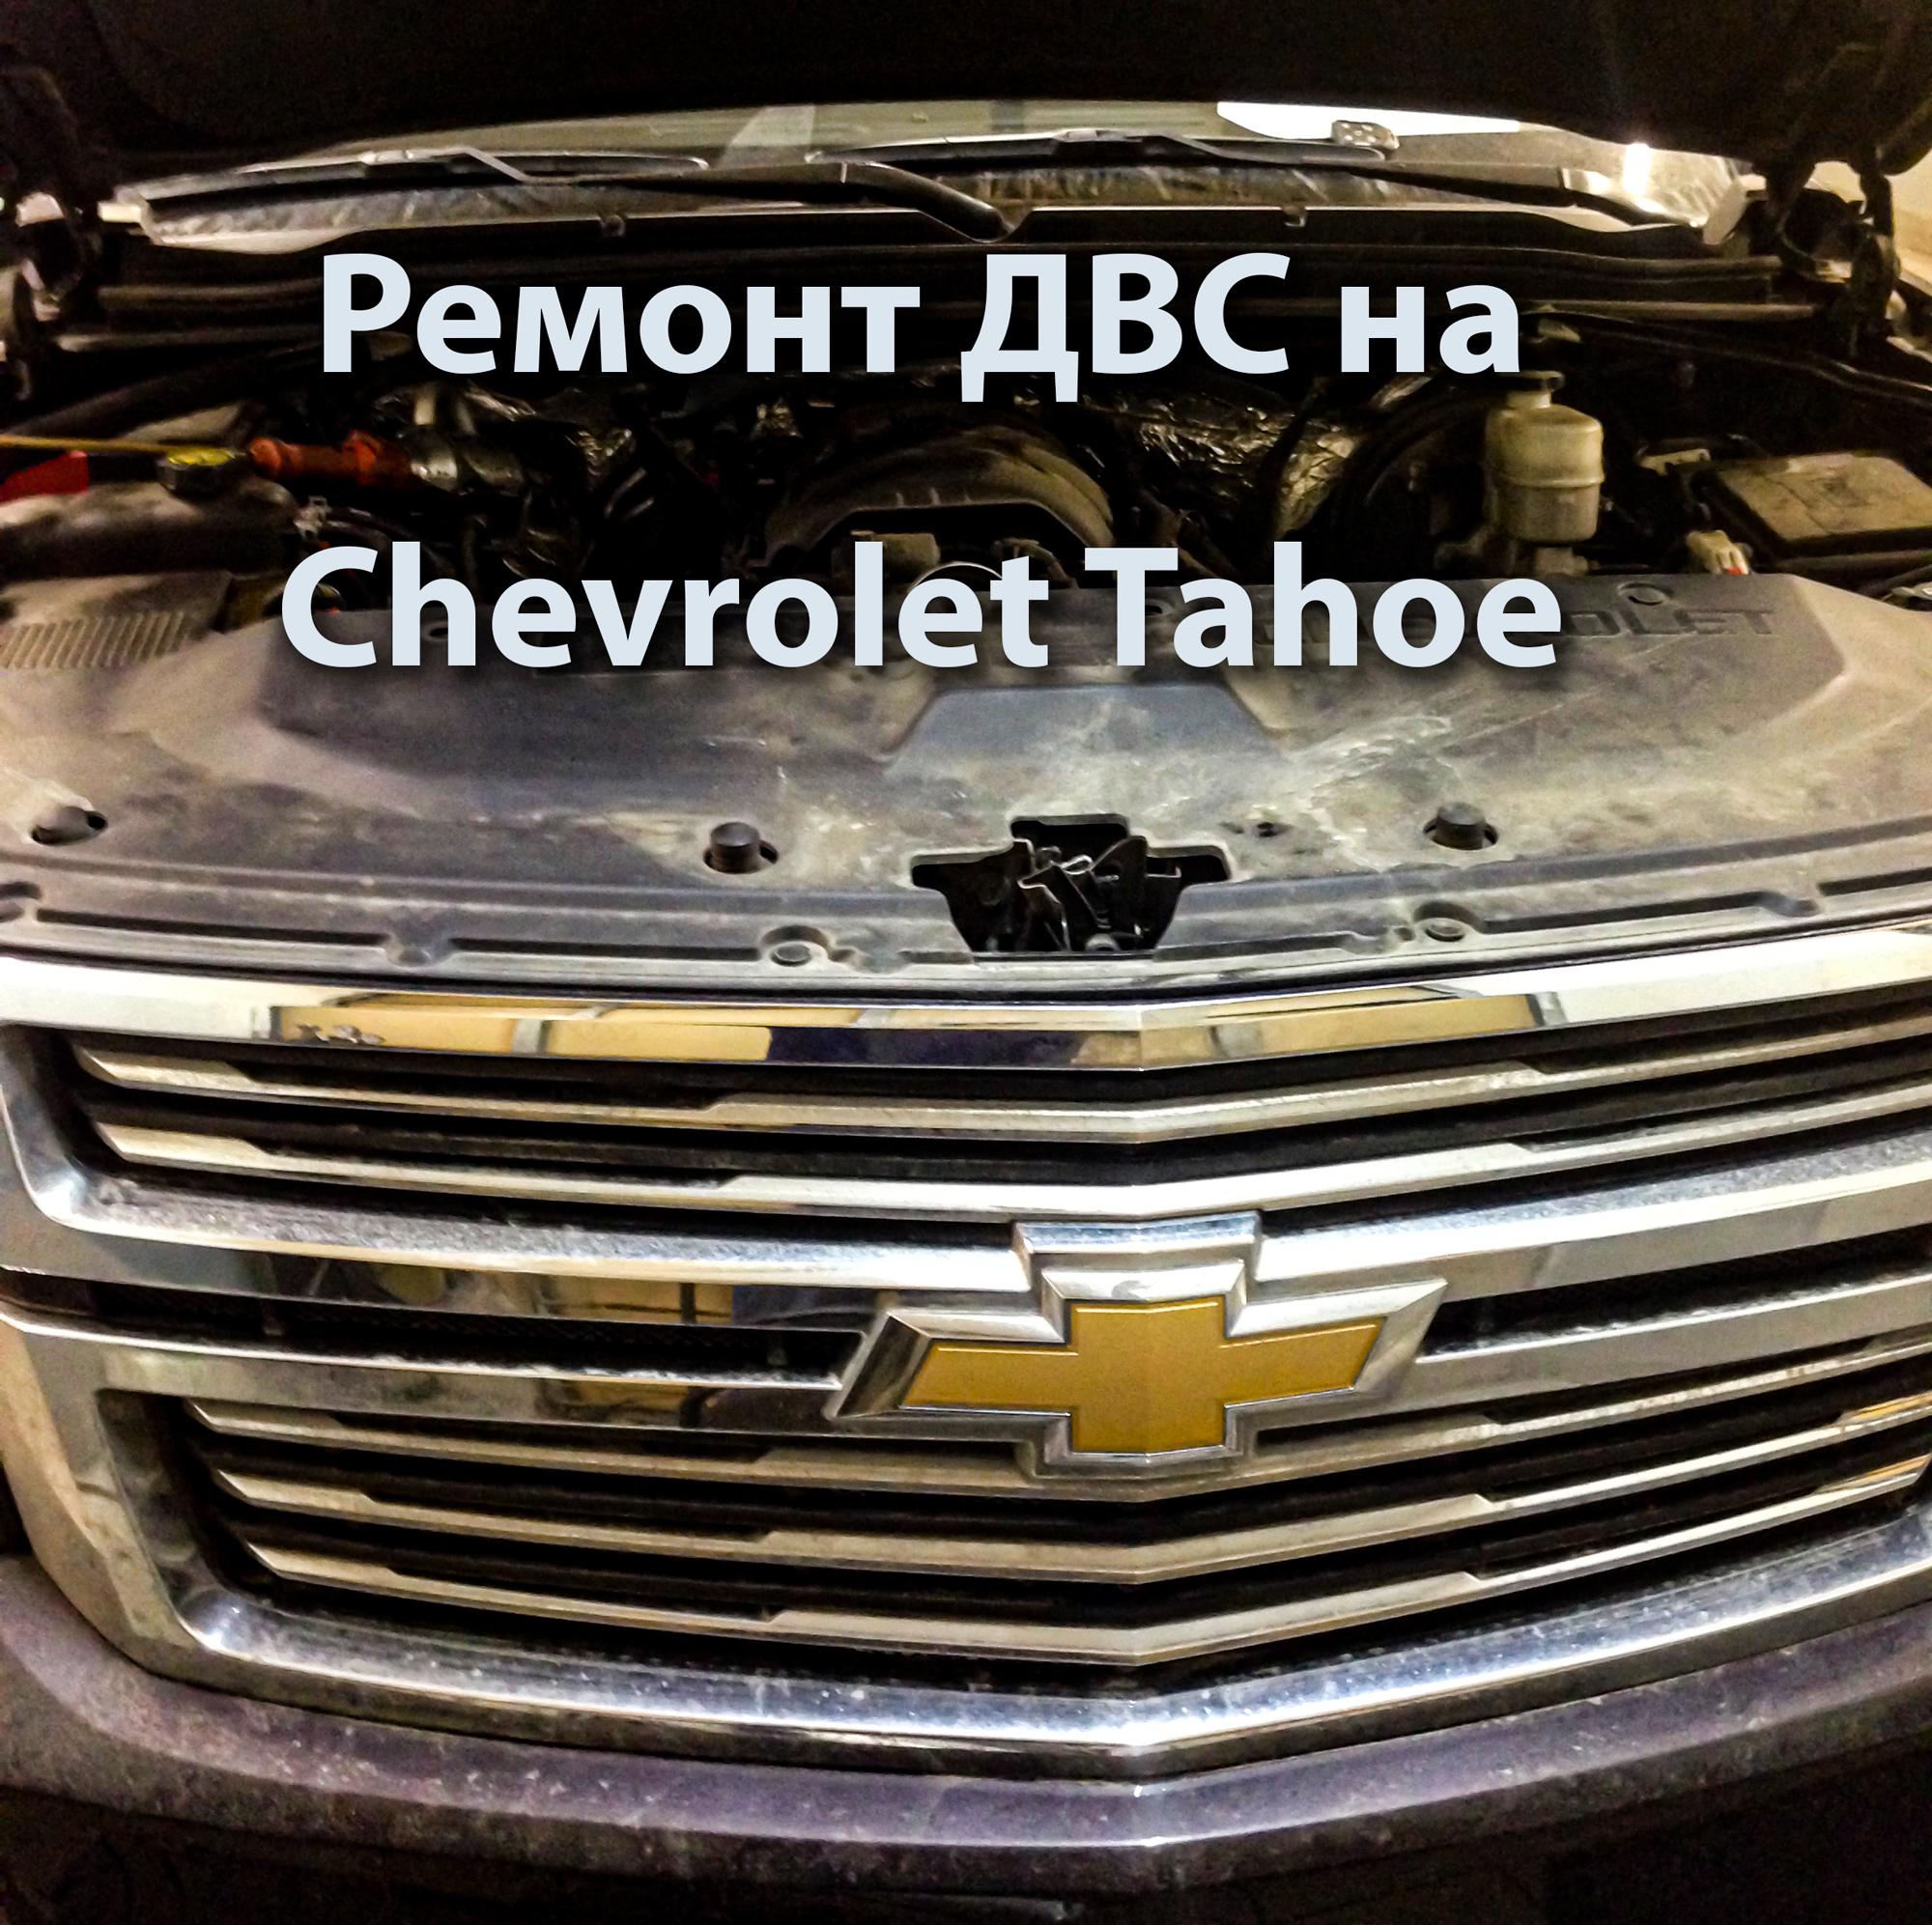 Ремонт ДВС на Chevrolet Tahoe